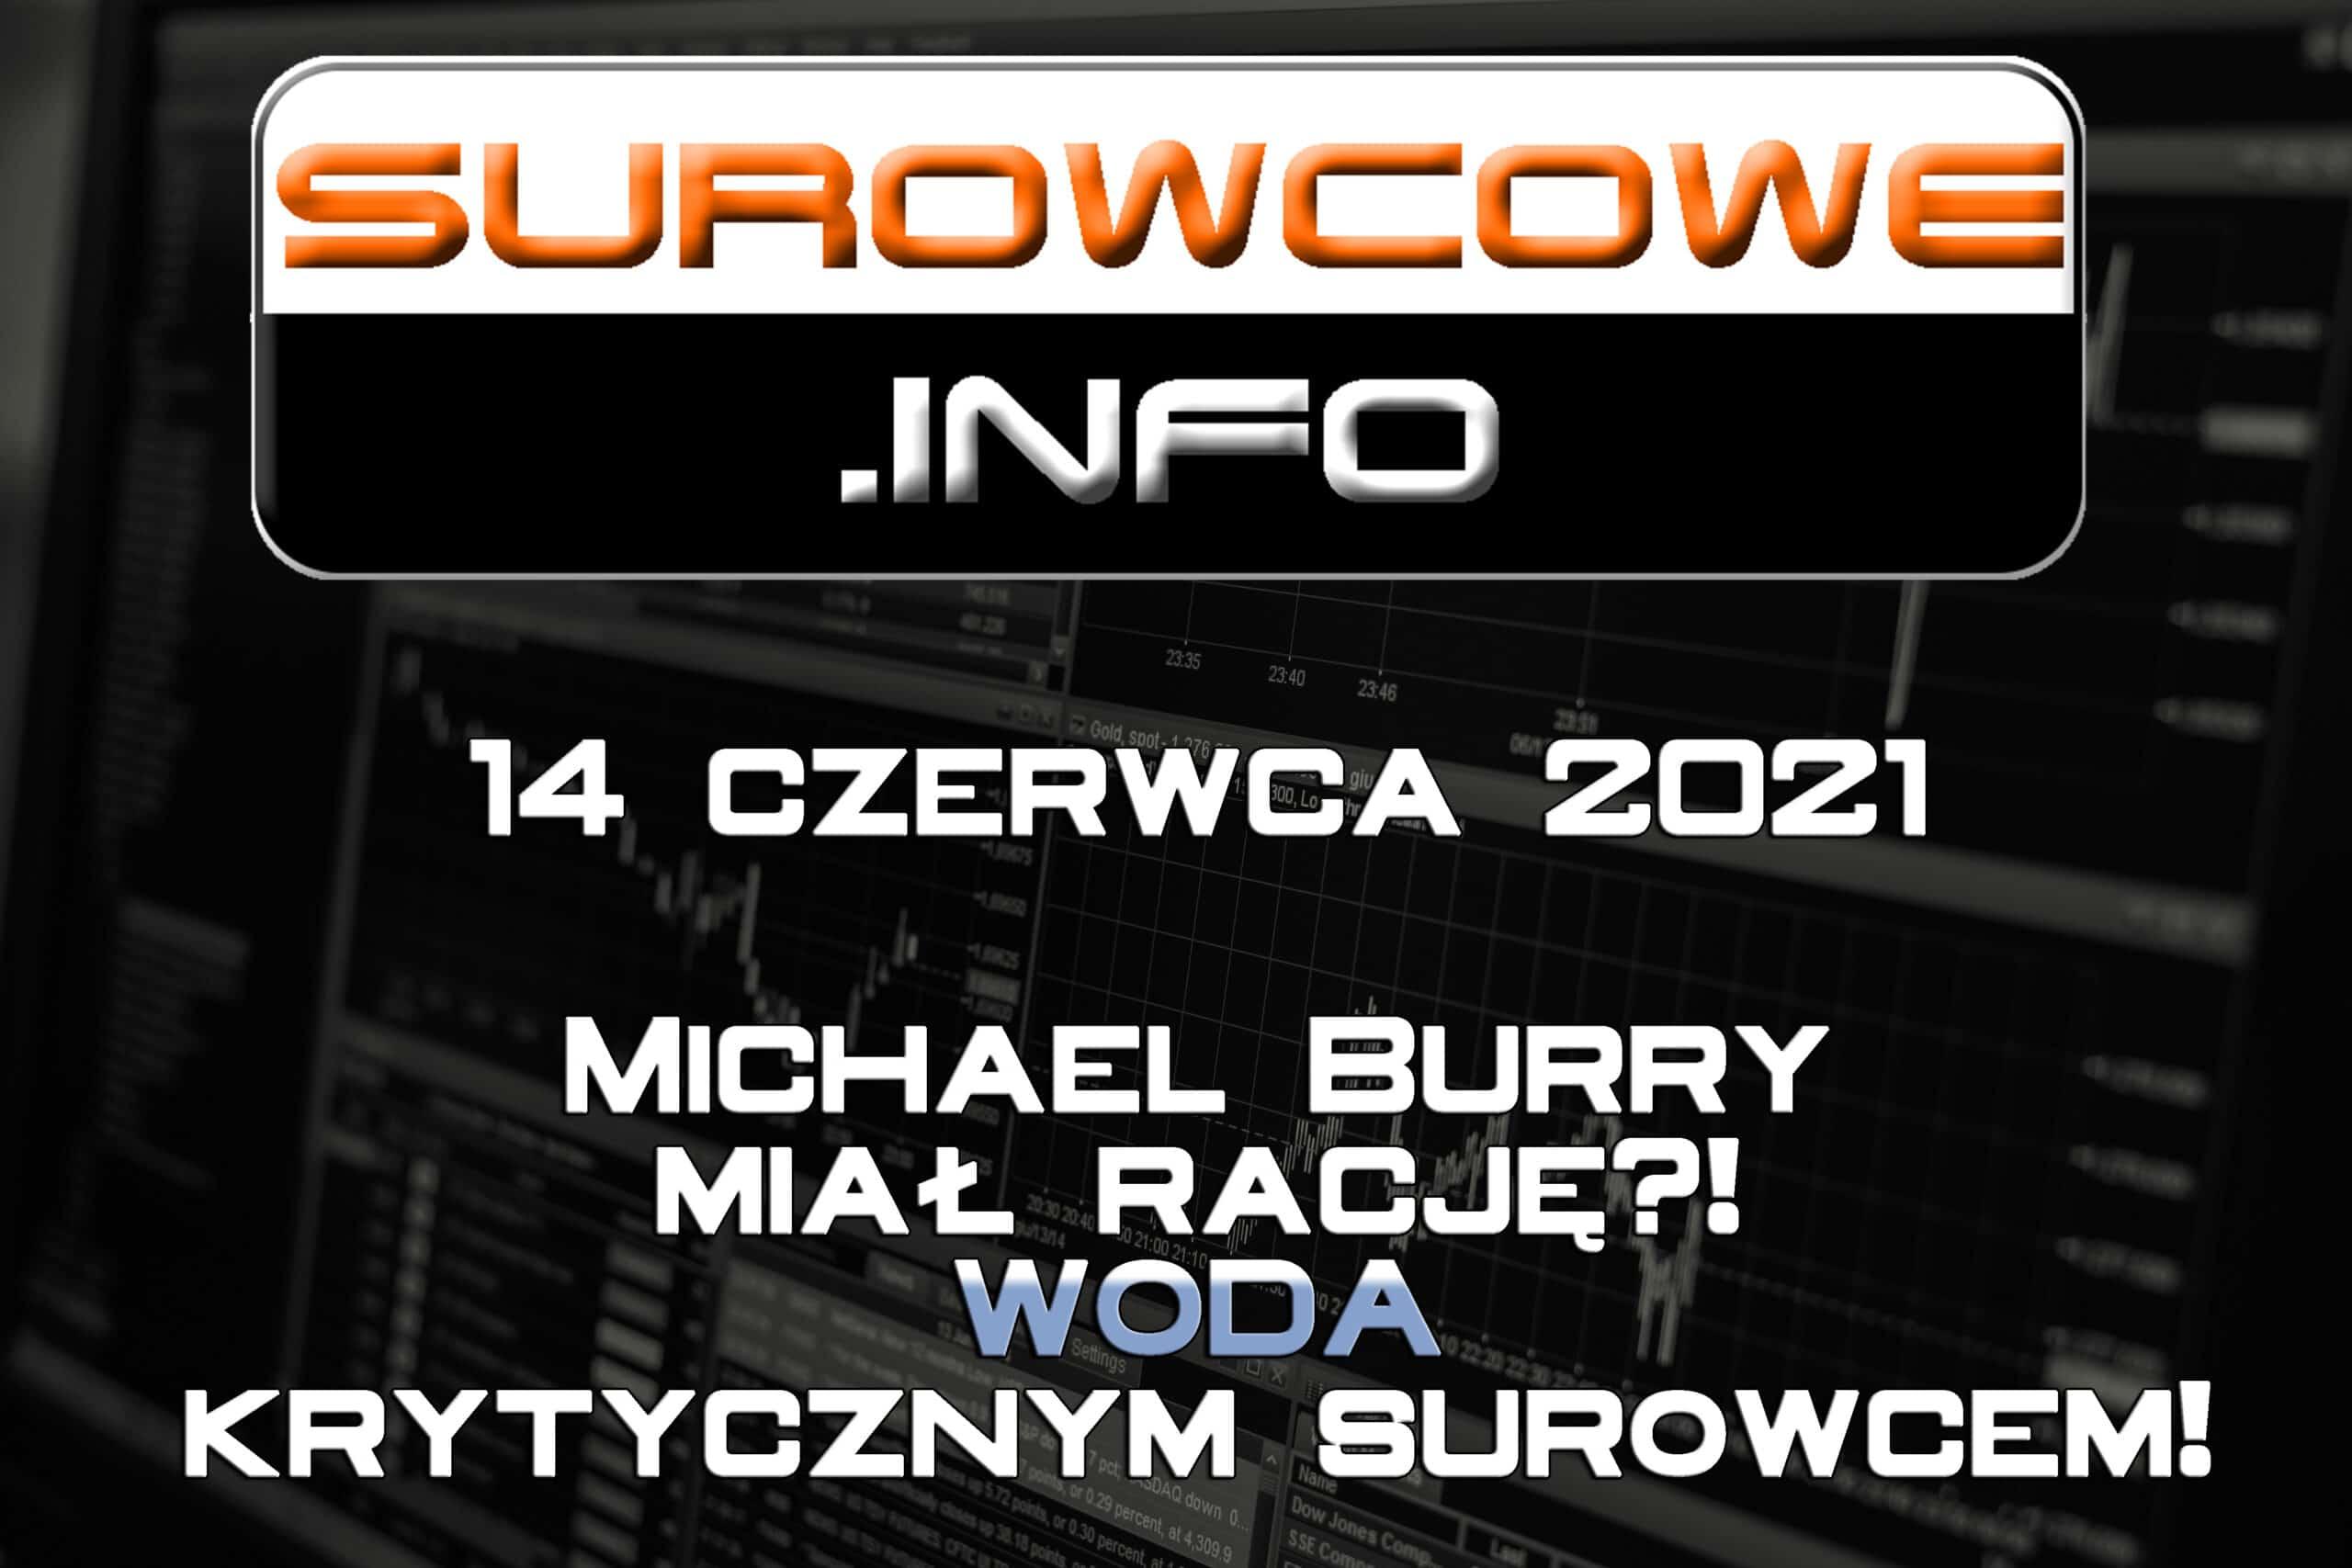 Surowcowe.info 14 czerwca 2021